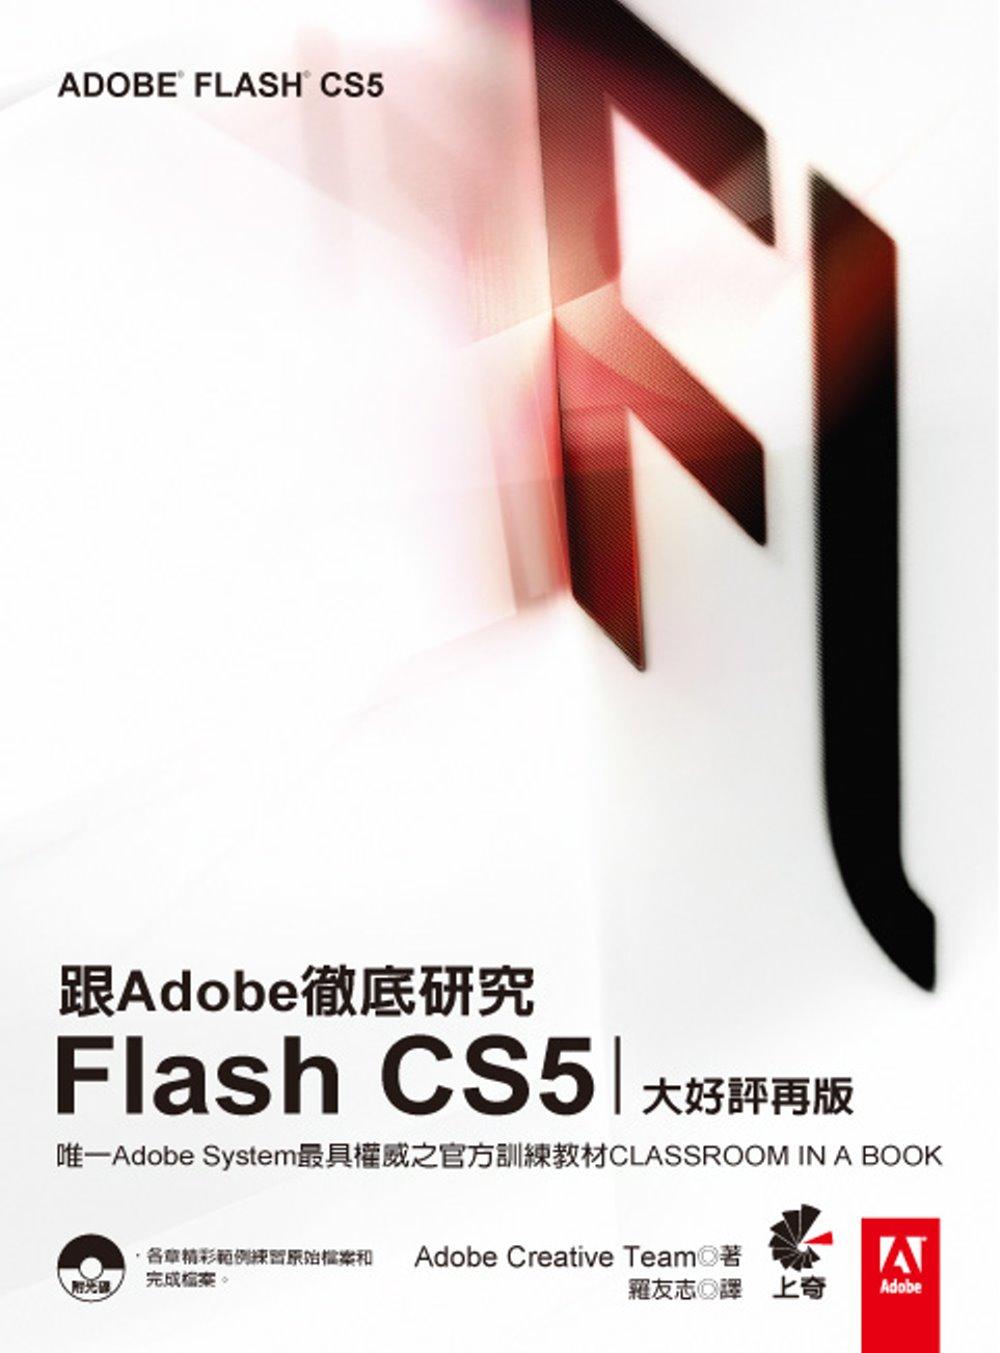 跟Adobe徹底研究Flash CS5(大好評再版)